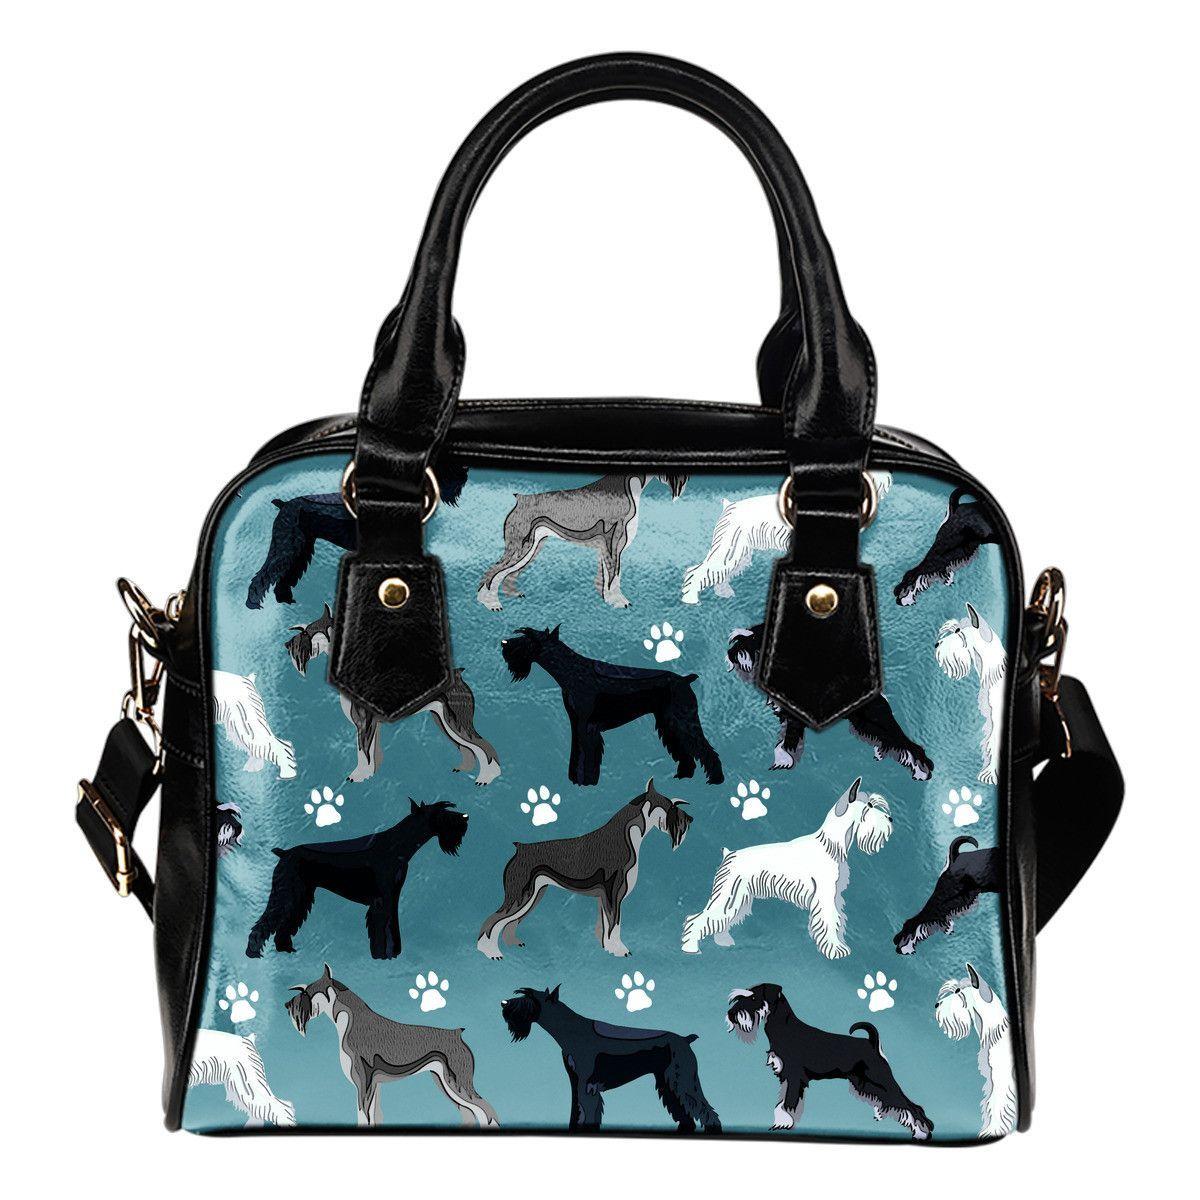 Miniature Schnauzer Handbag